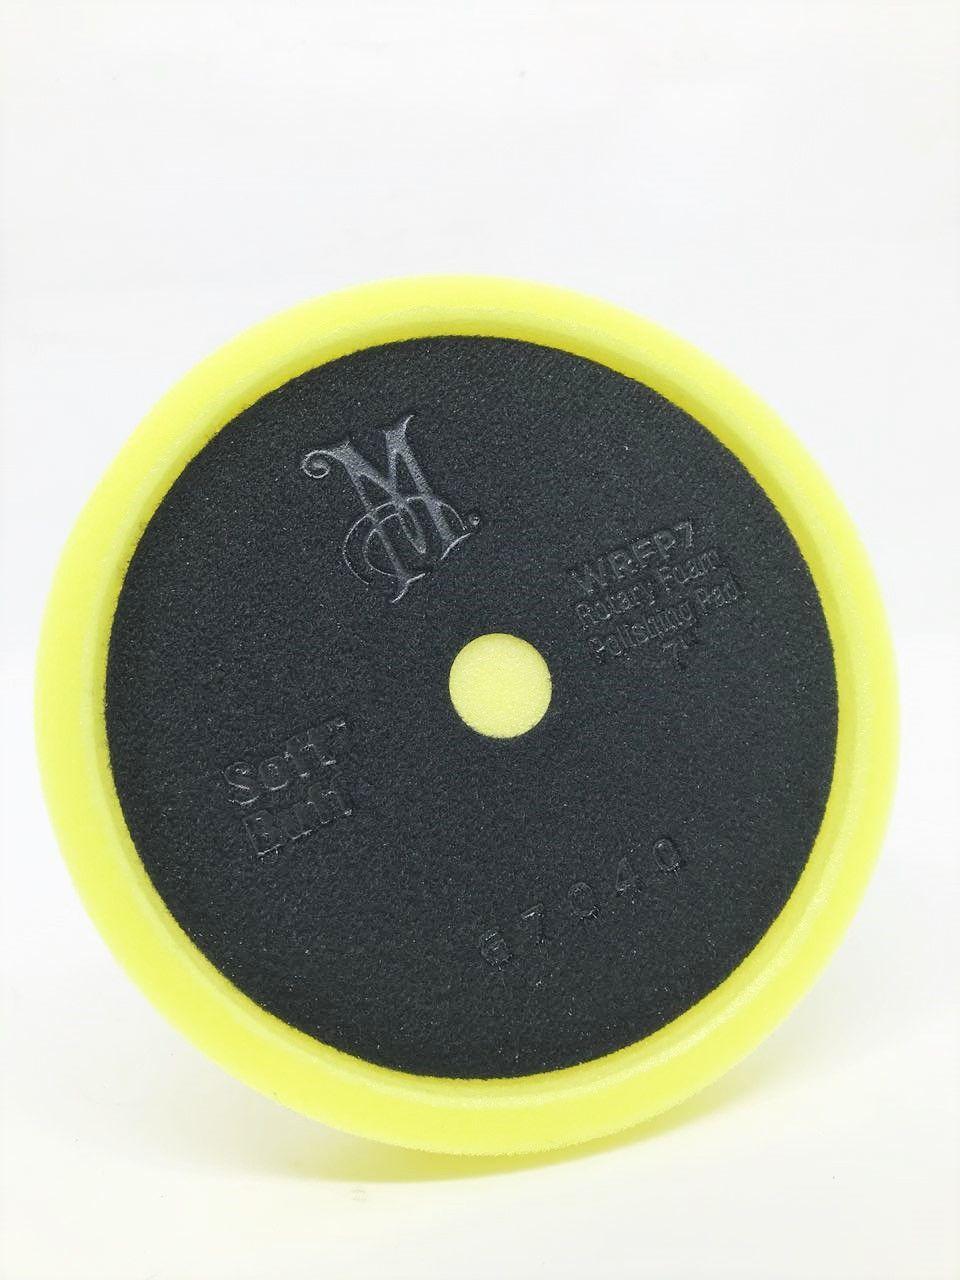 c0a0be8d35462 BOINA DE ESPUMA MACIA 7 POLEGADAS WRFP7 (AMARELA) REFINO MEGUIARS - Loja ITP